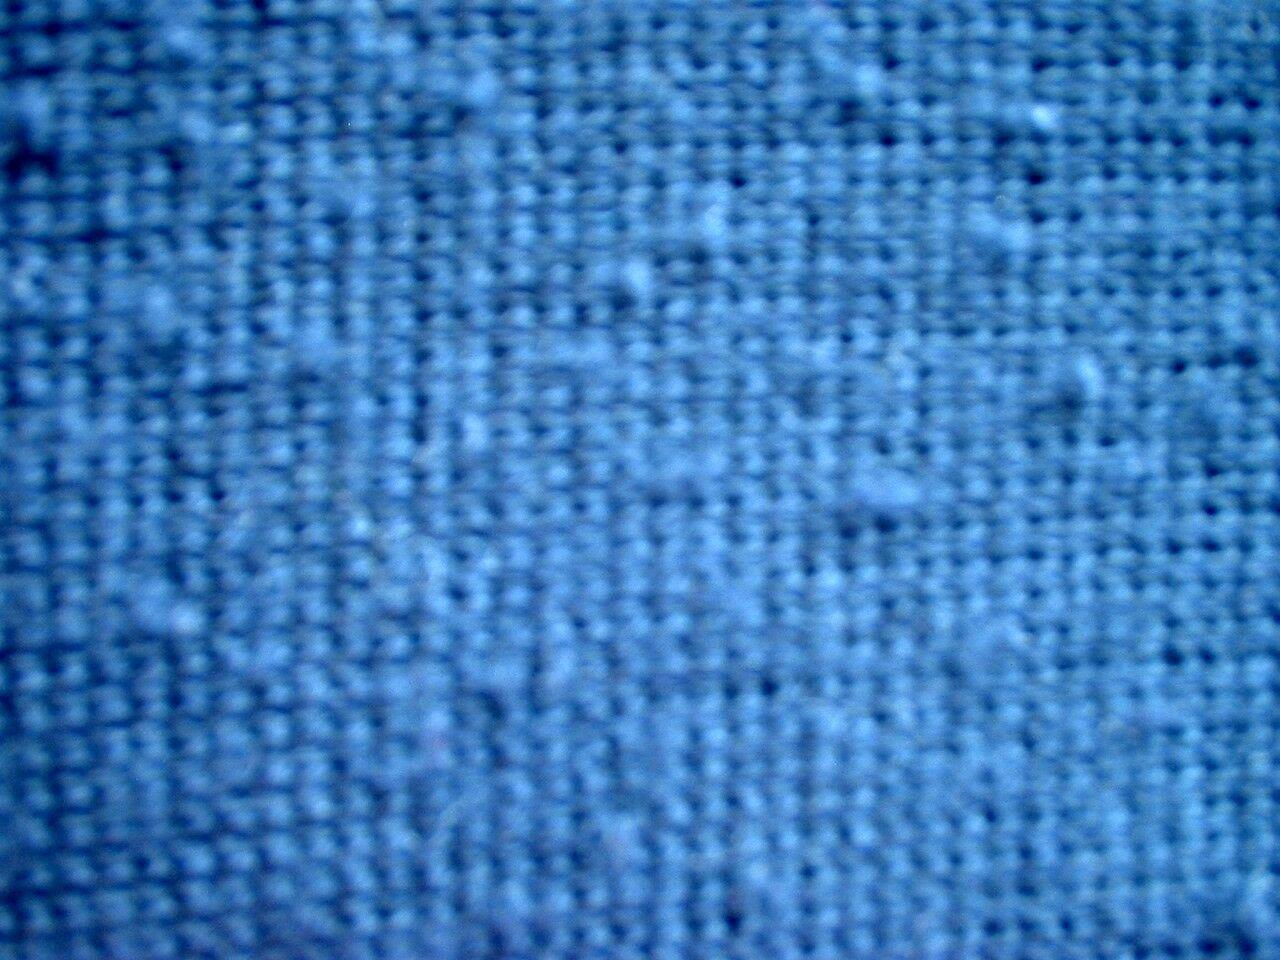 Closeup of Fabric Pilling